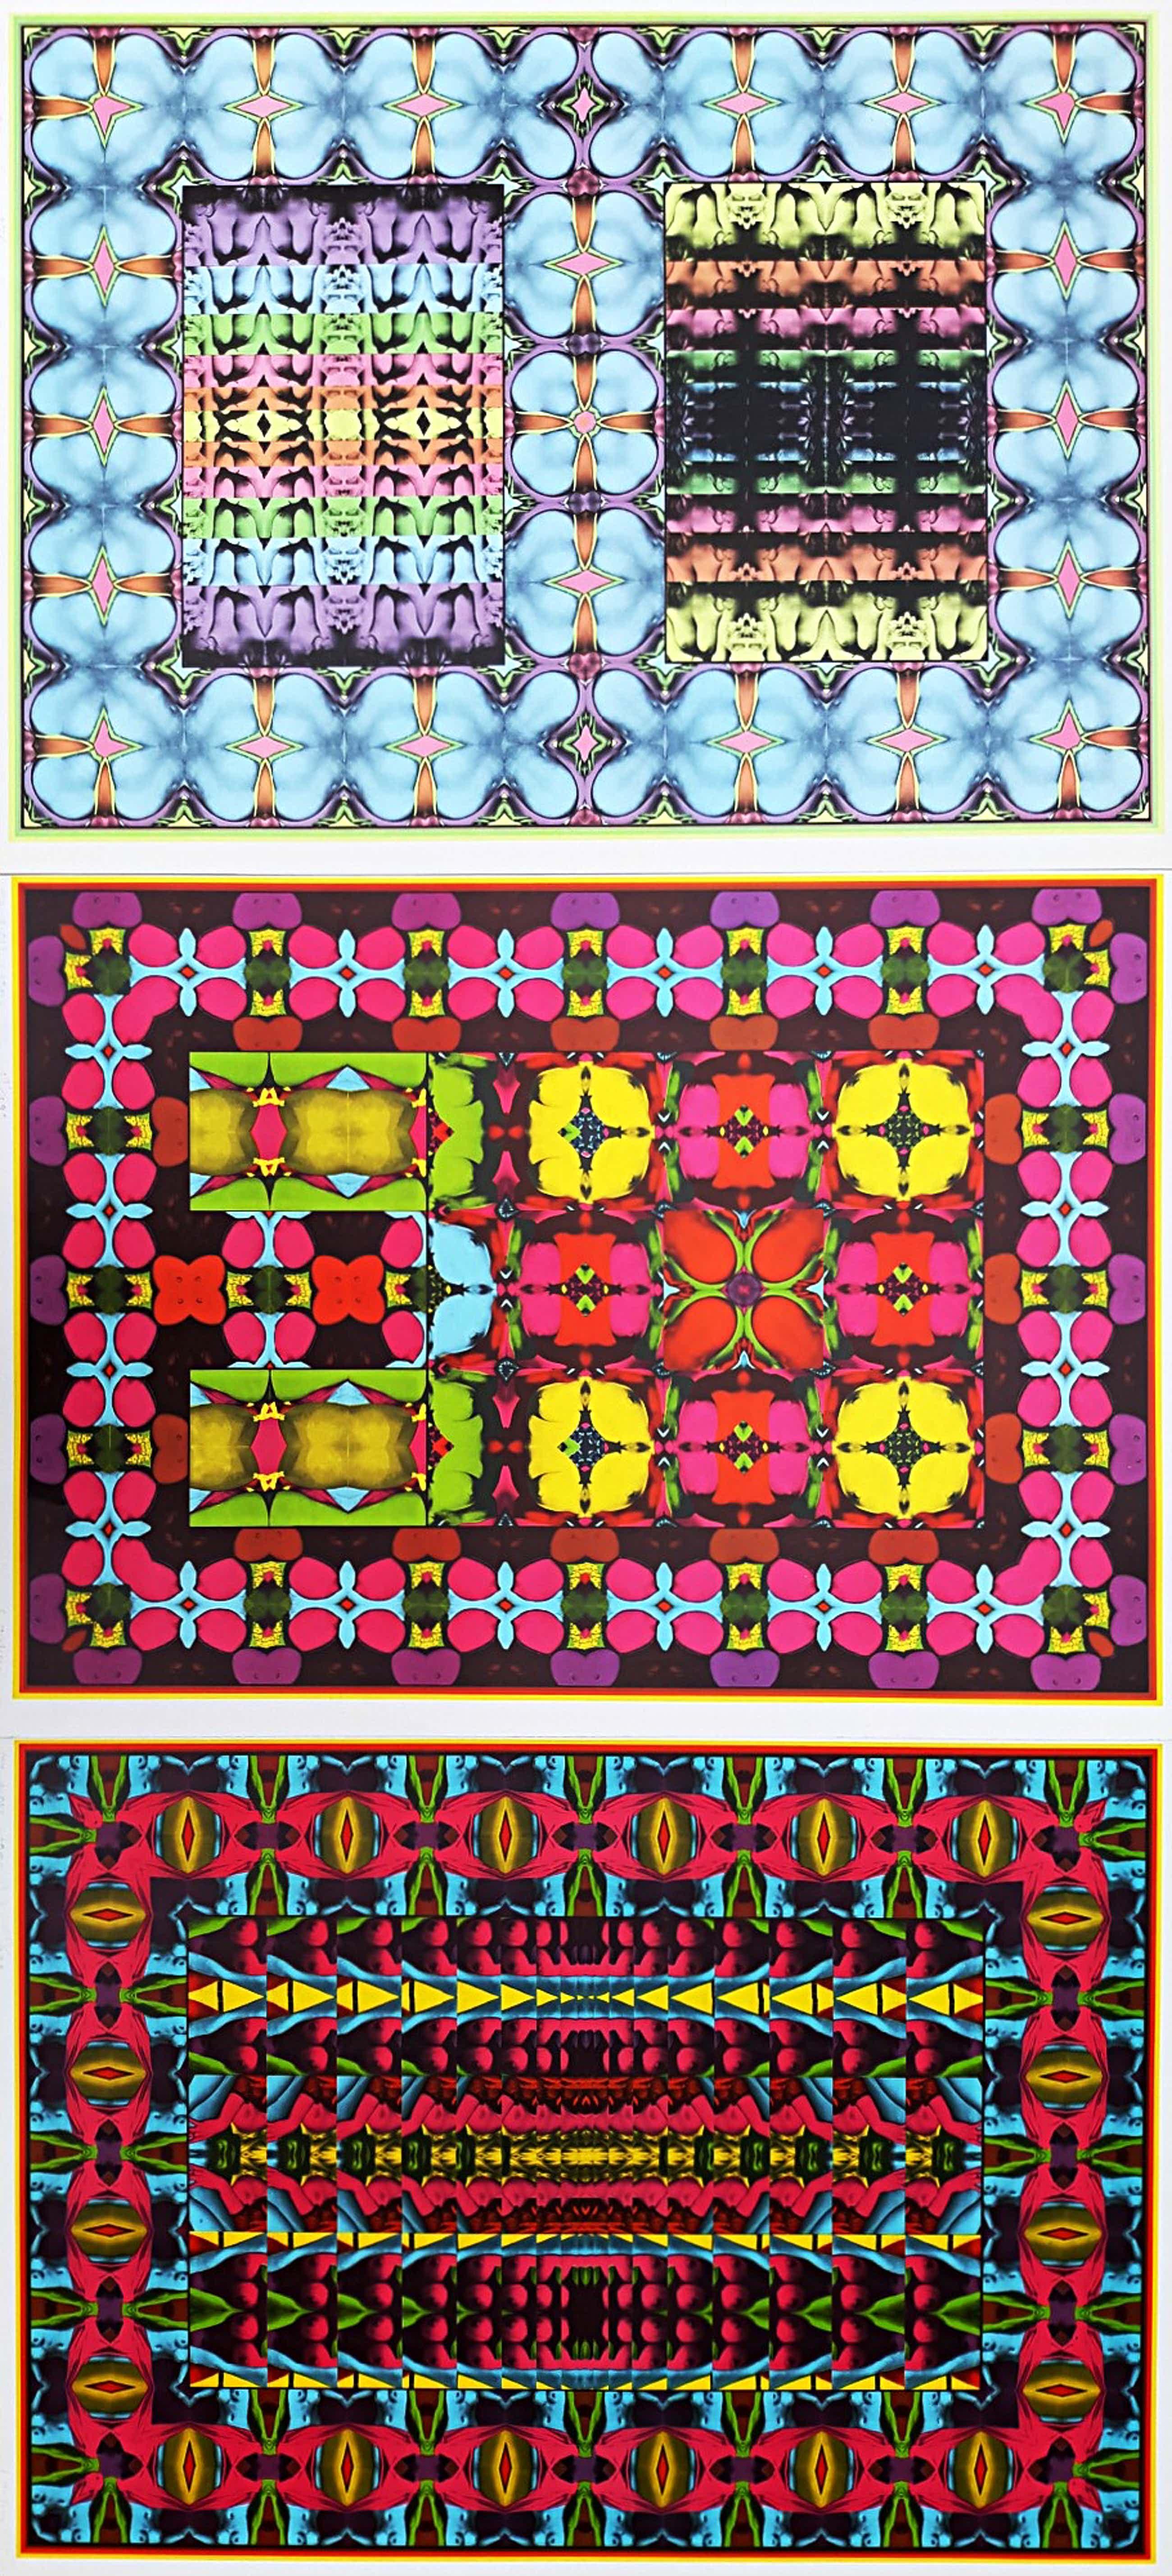 Shinkichi Tajiri - My secret garden no. 1, 2 & 3, complete serie gesigneerde offset drukken kopen? Bied vanaf 156!